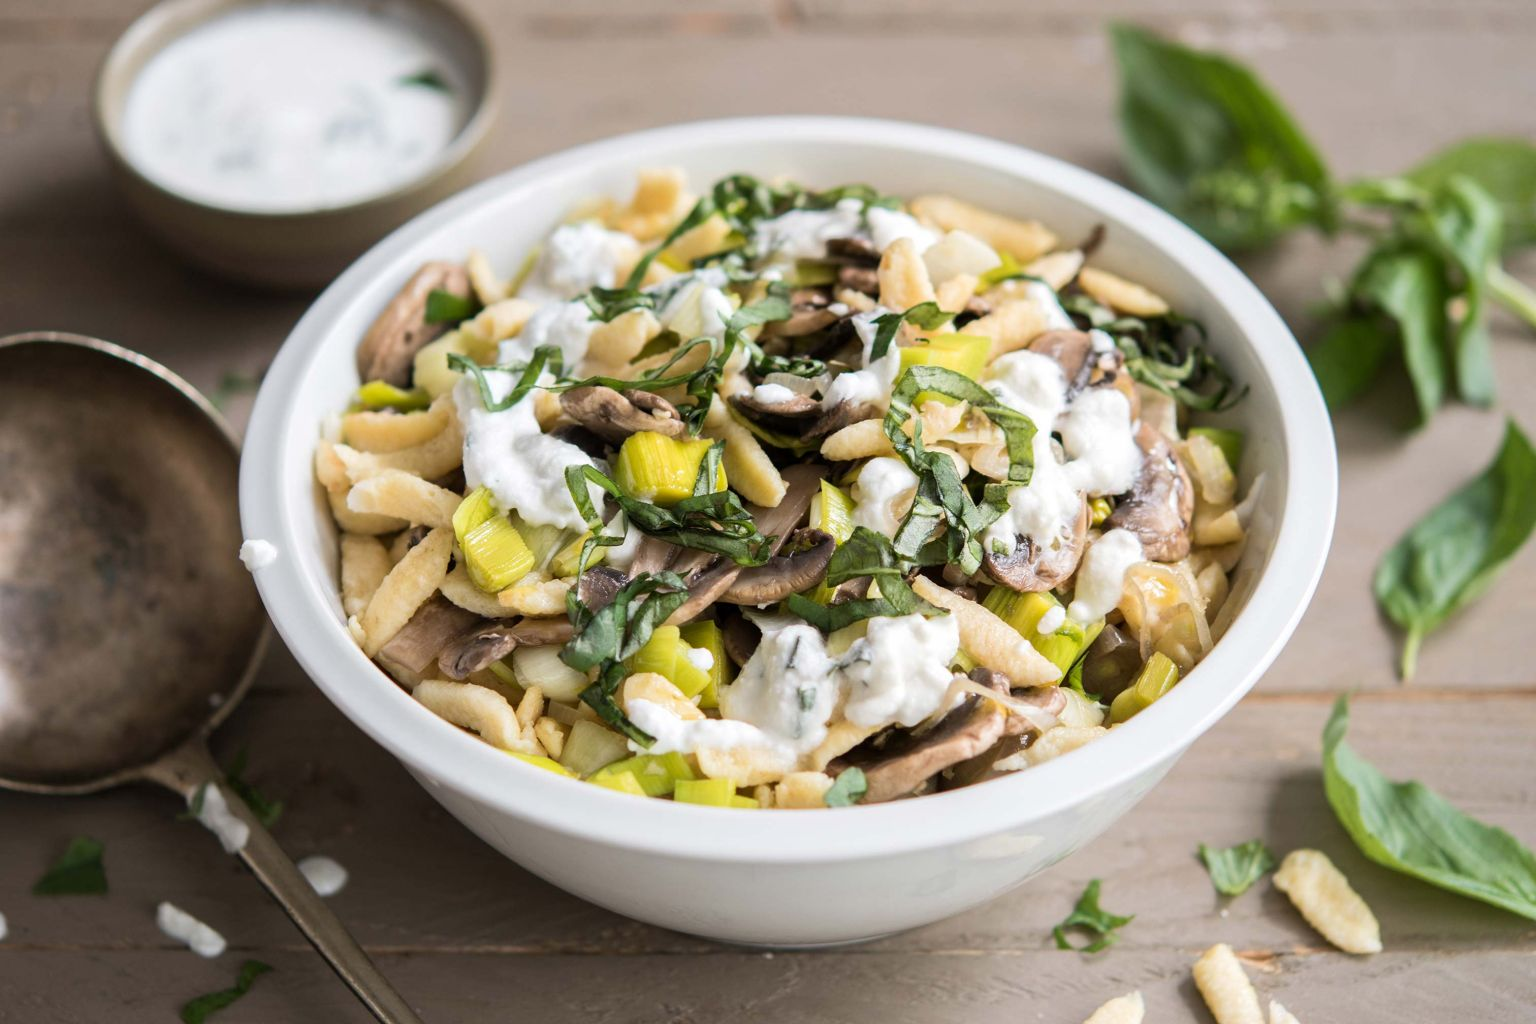 Recette sp tzle saut es aux champignons et ch vre frais quitoque - Comment cuisiner les germes de soja frais ...